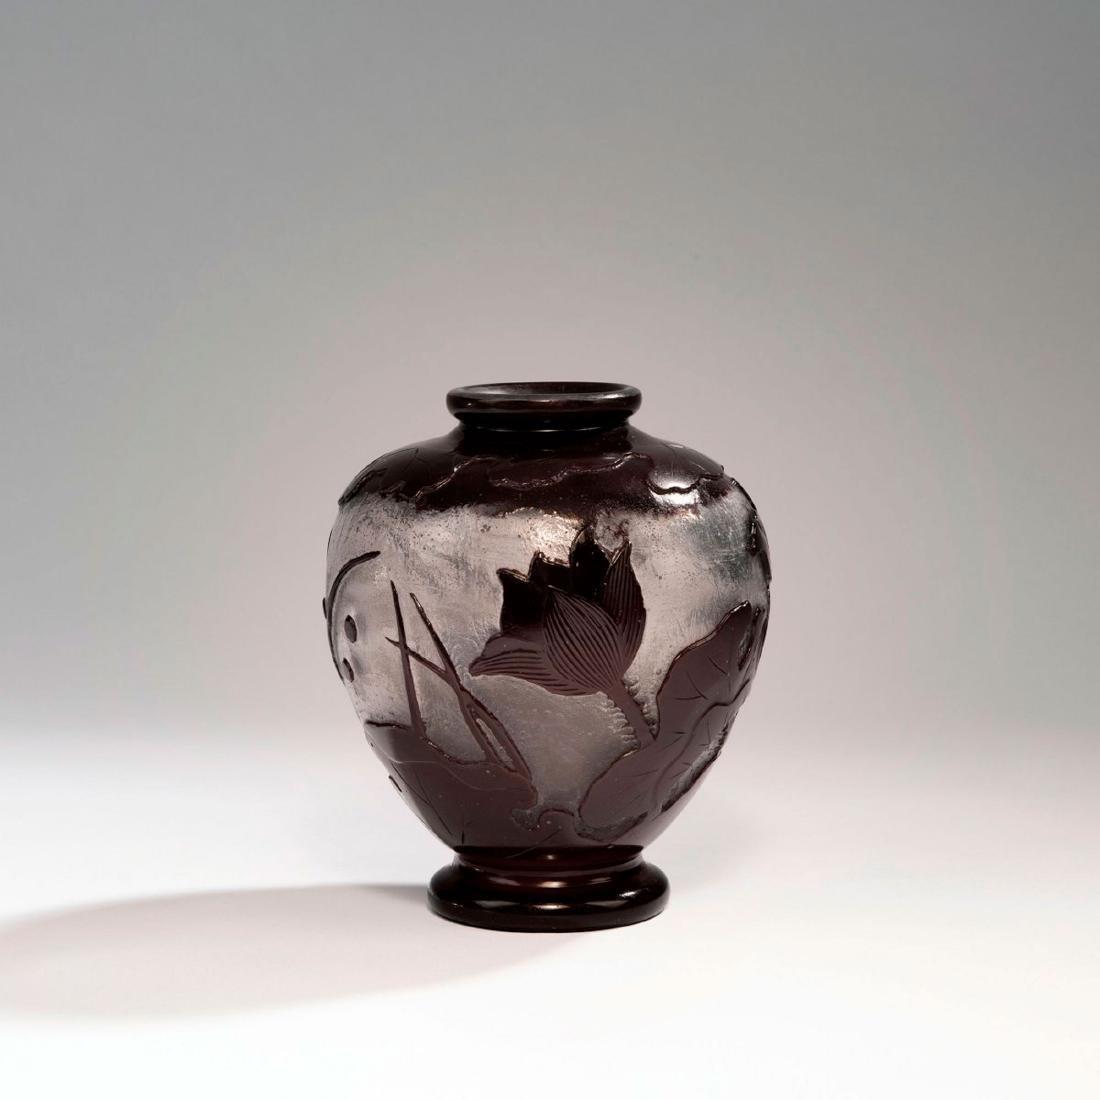 'Lotus' vase, 1897 - 2